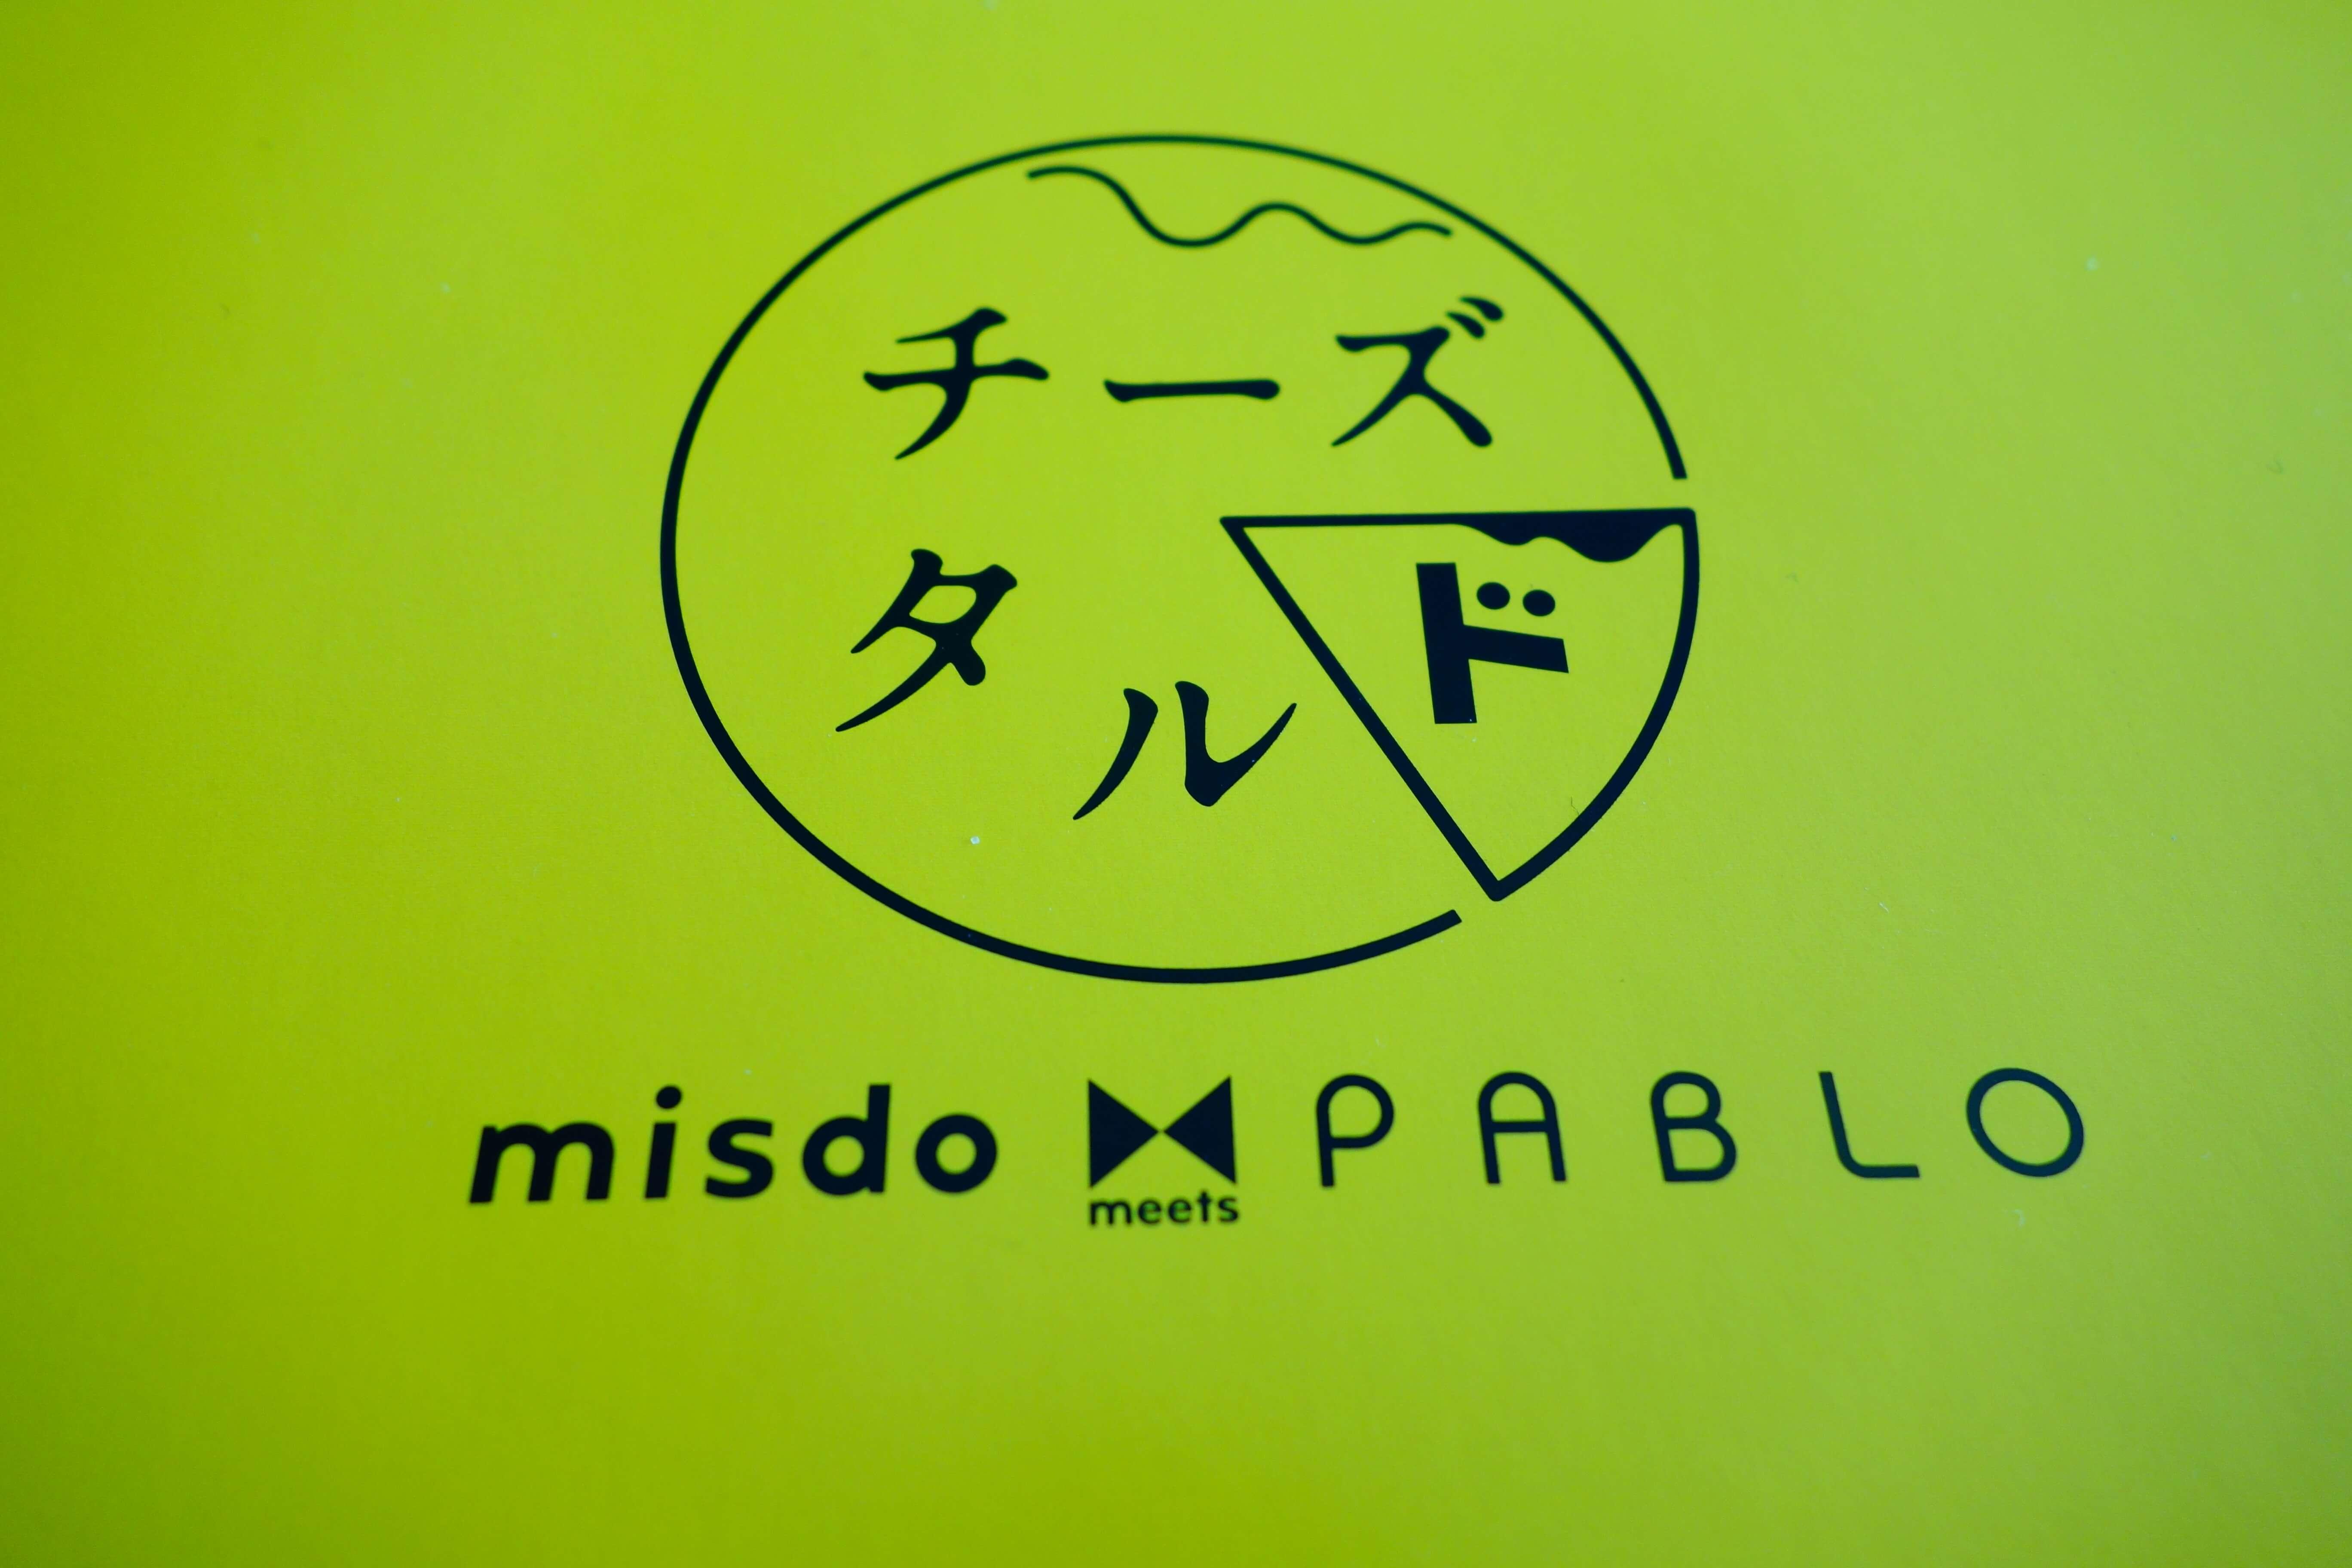 【ミスタードーナツ@白山市】夏季限定コラボ「ミスド」×「PABLO」レビュー!